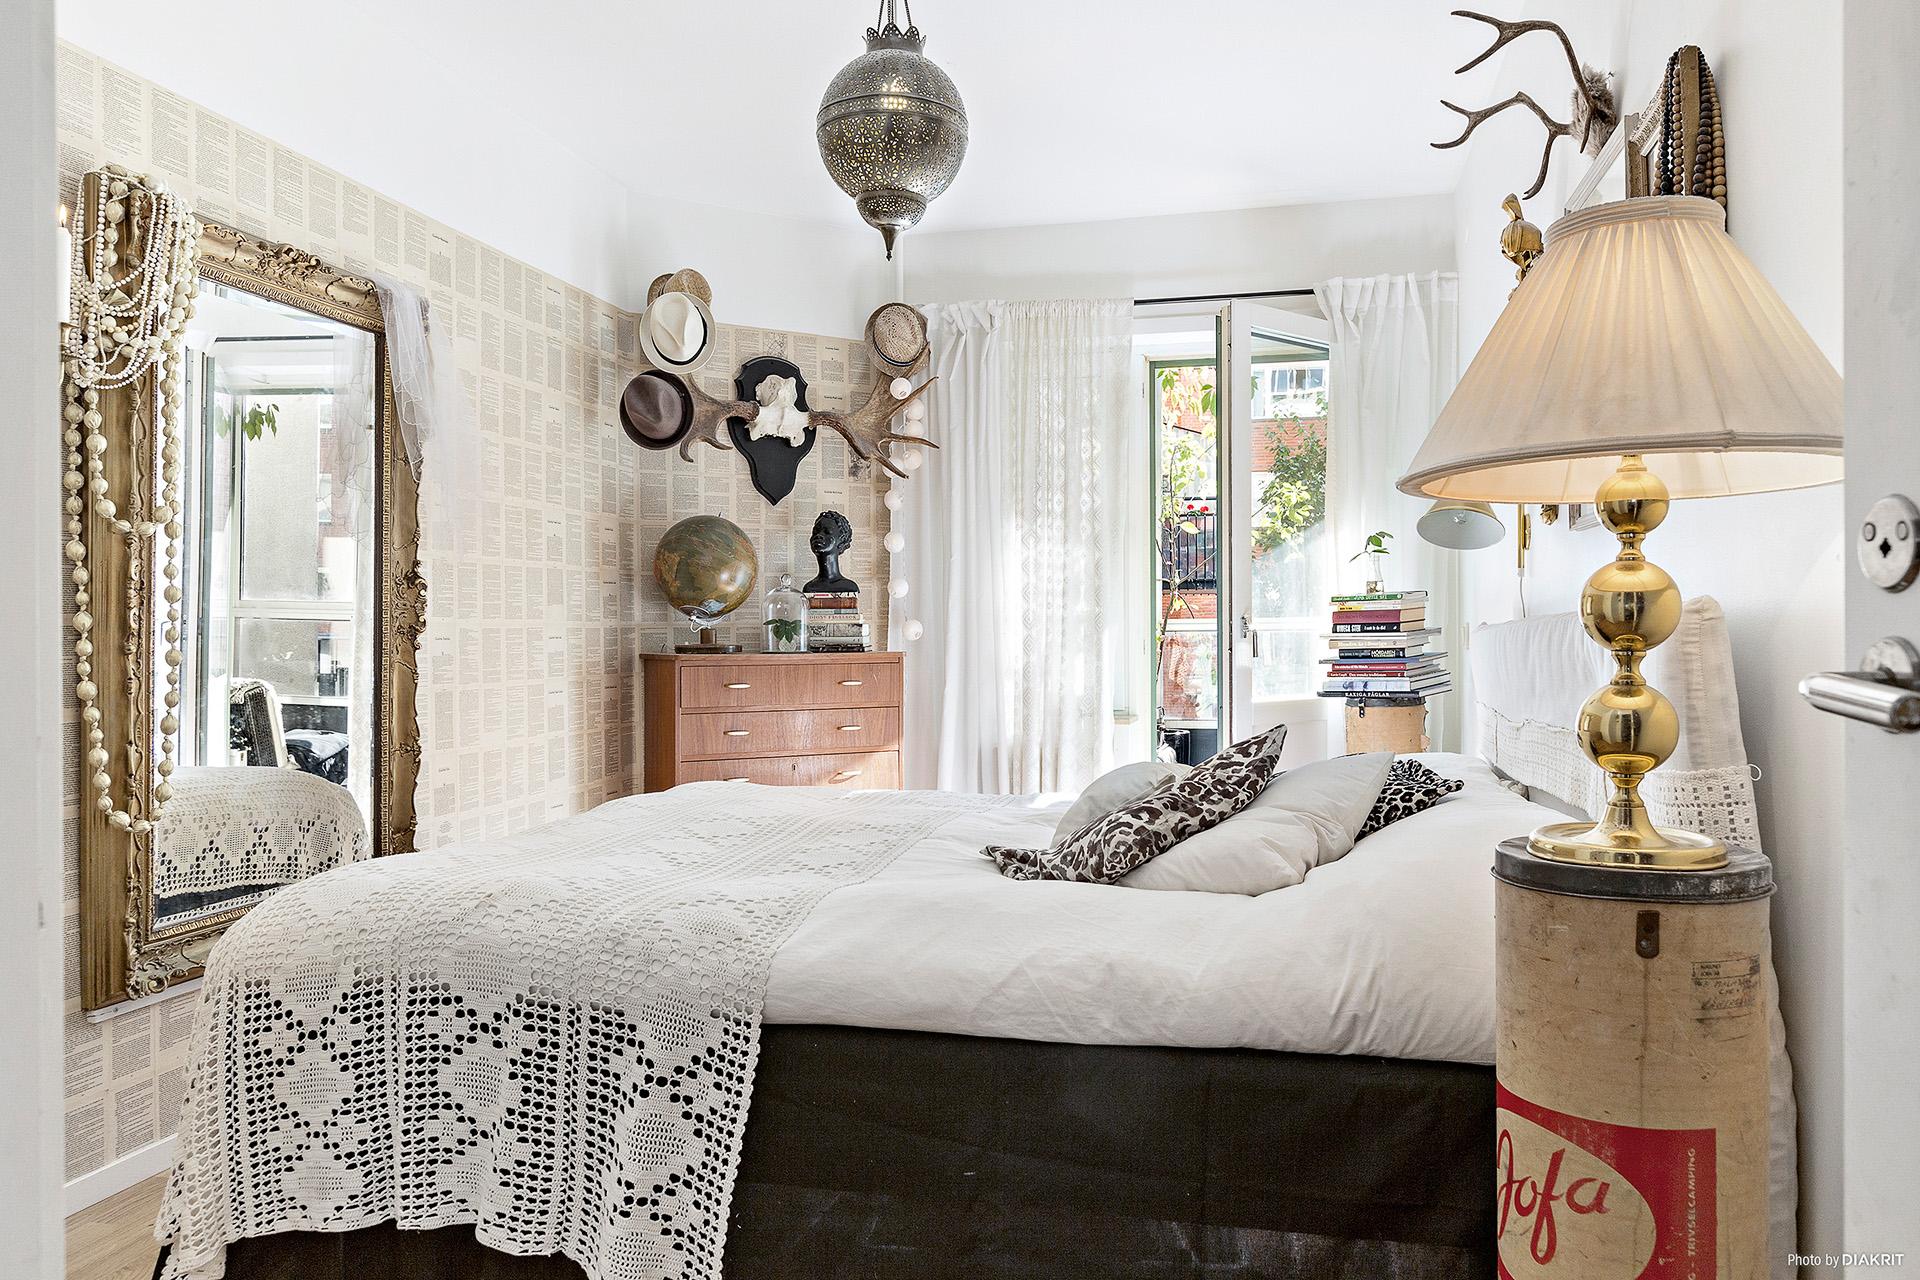 спальня кровать комод шляпа лампа зеркало